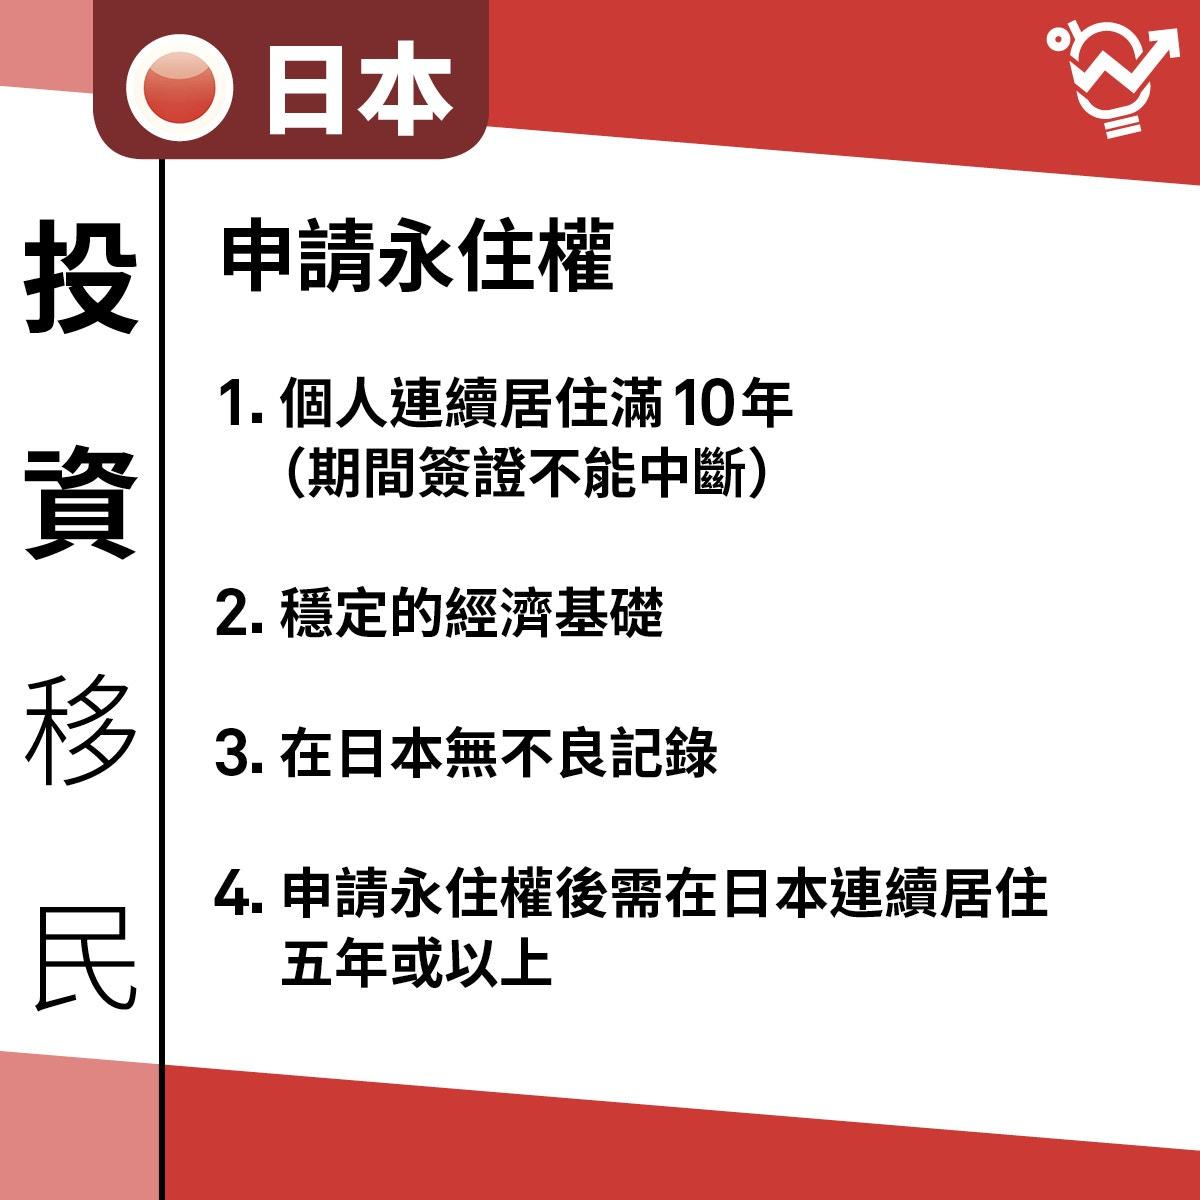 【移居日本】持36萬港元即合資格? 了解日本投資移民申請要求 – OverseaE 地球村- 海外房產平臺